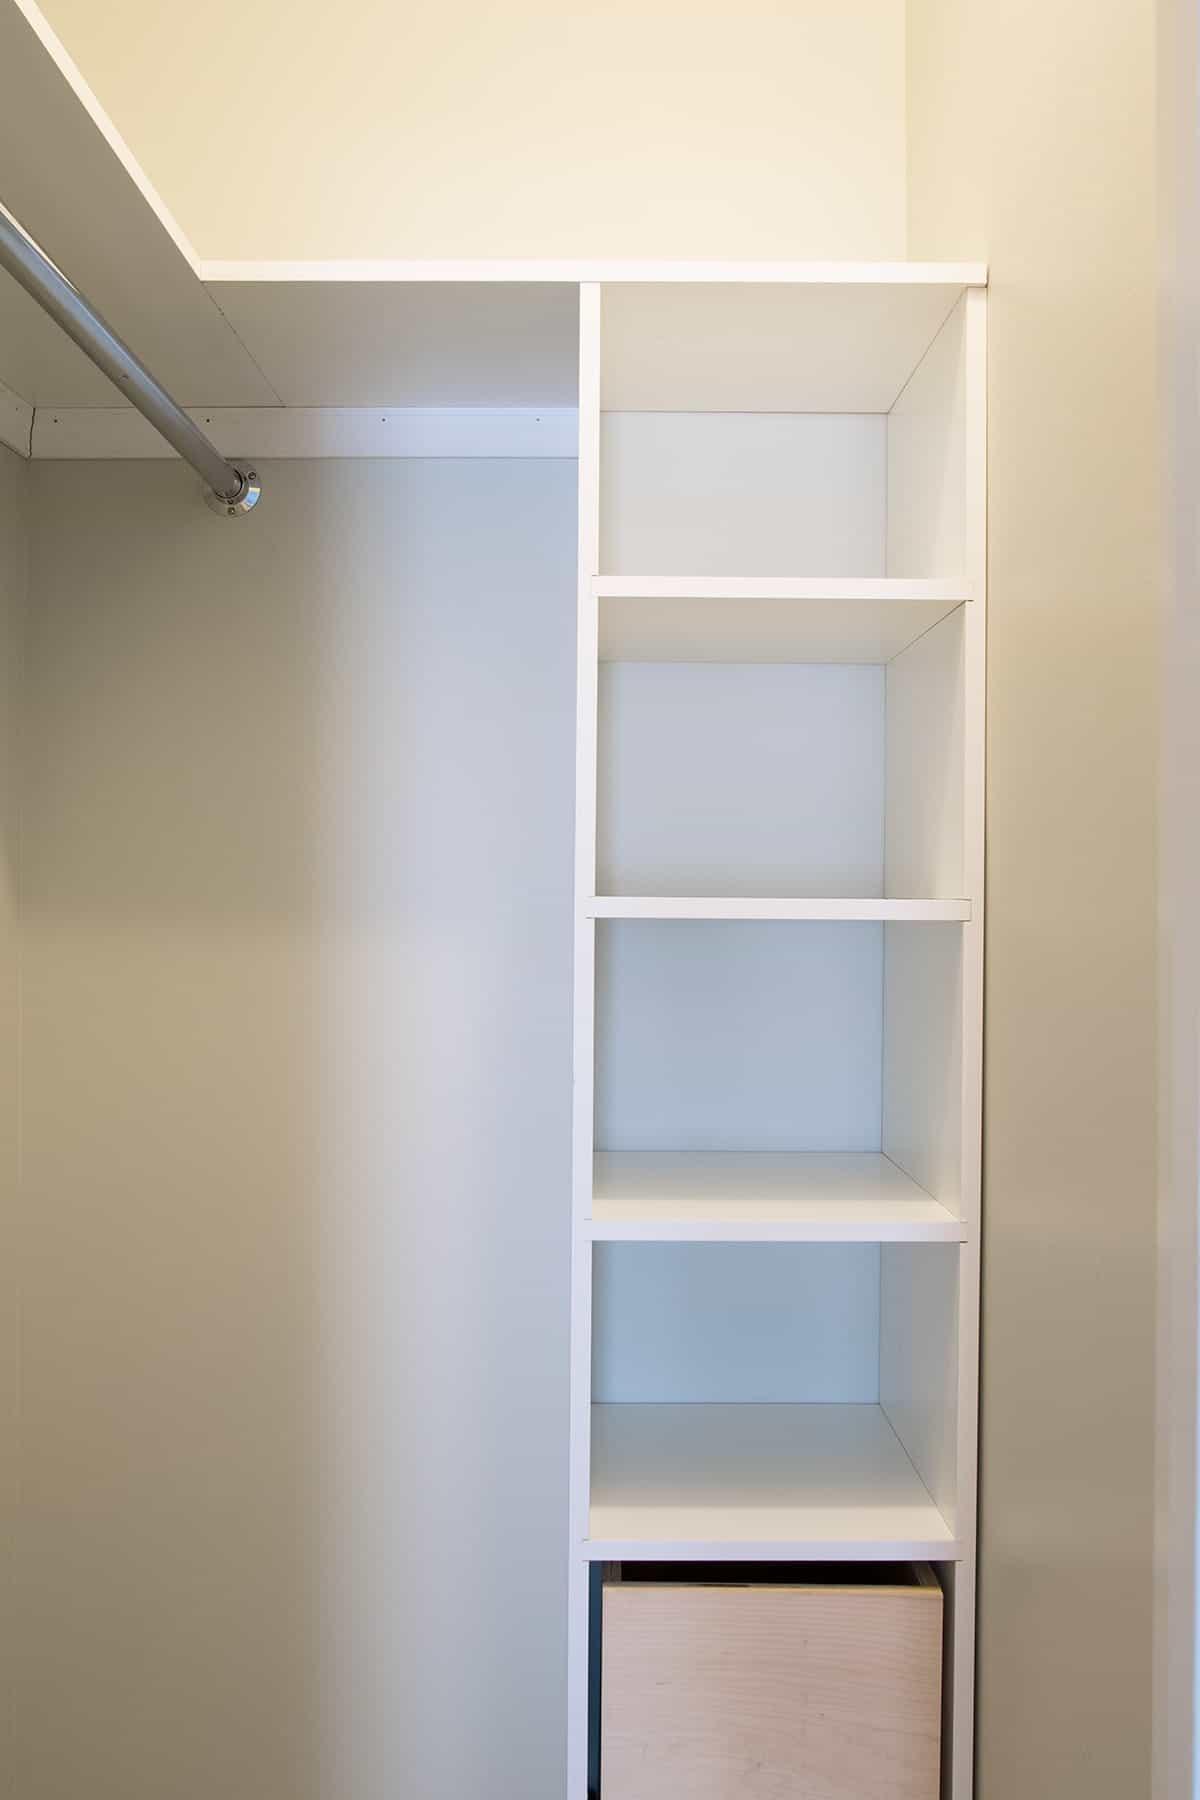 Custom built white shelves in kids bedroom for extra storage